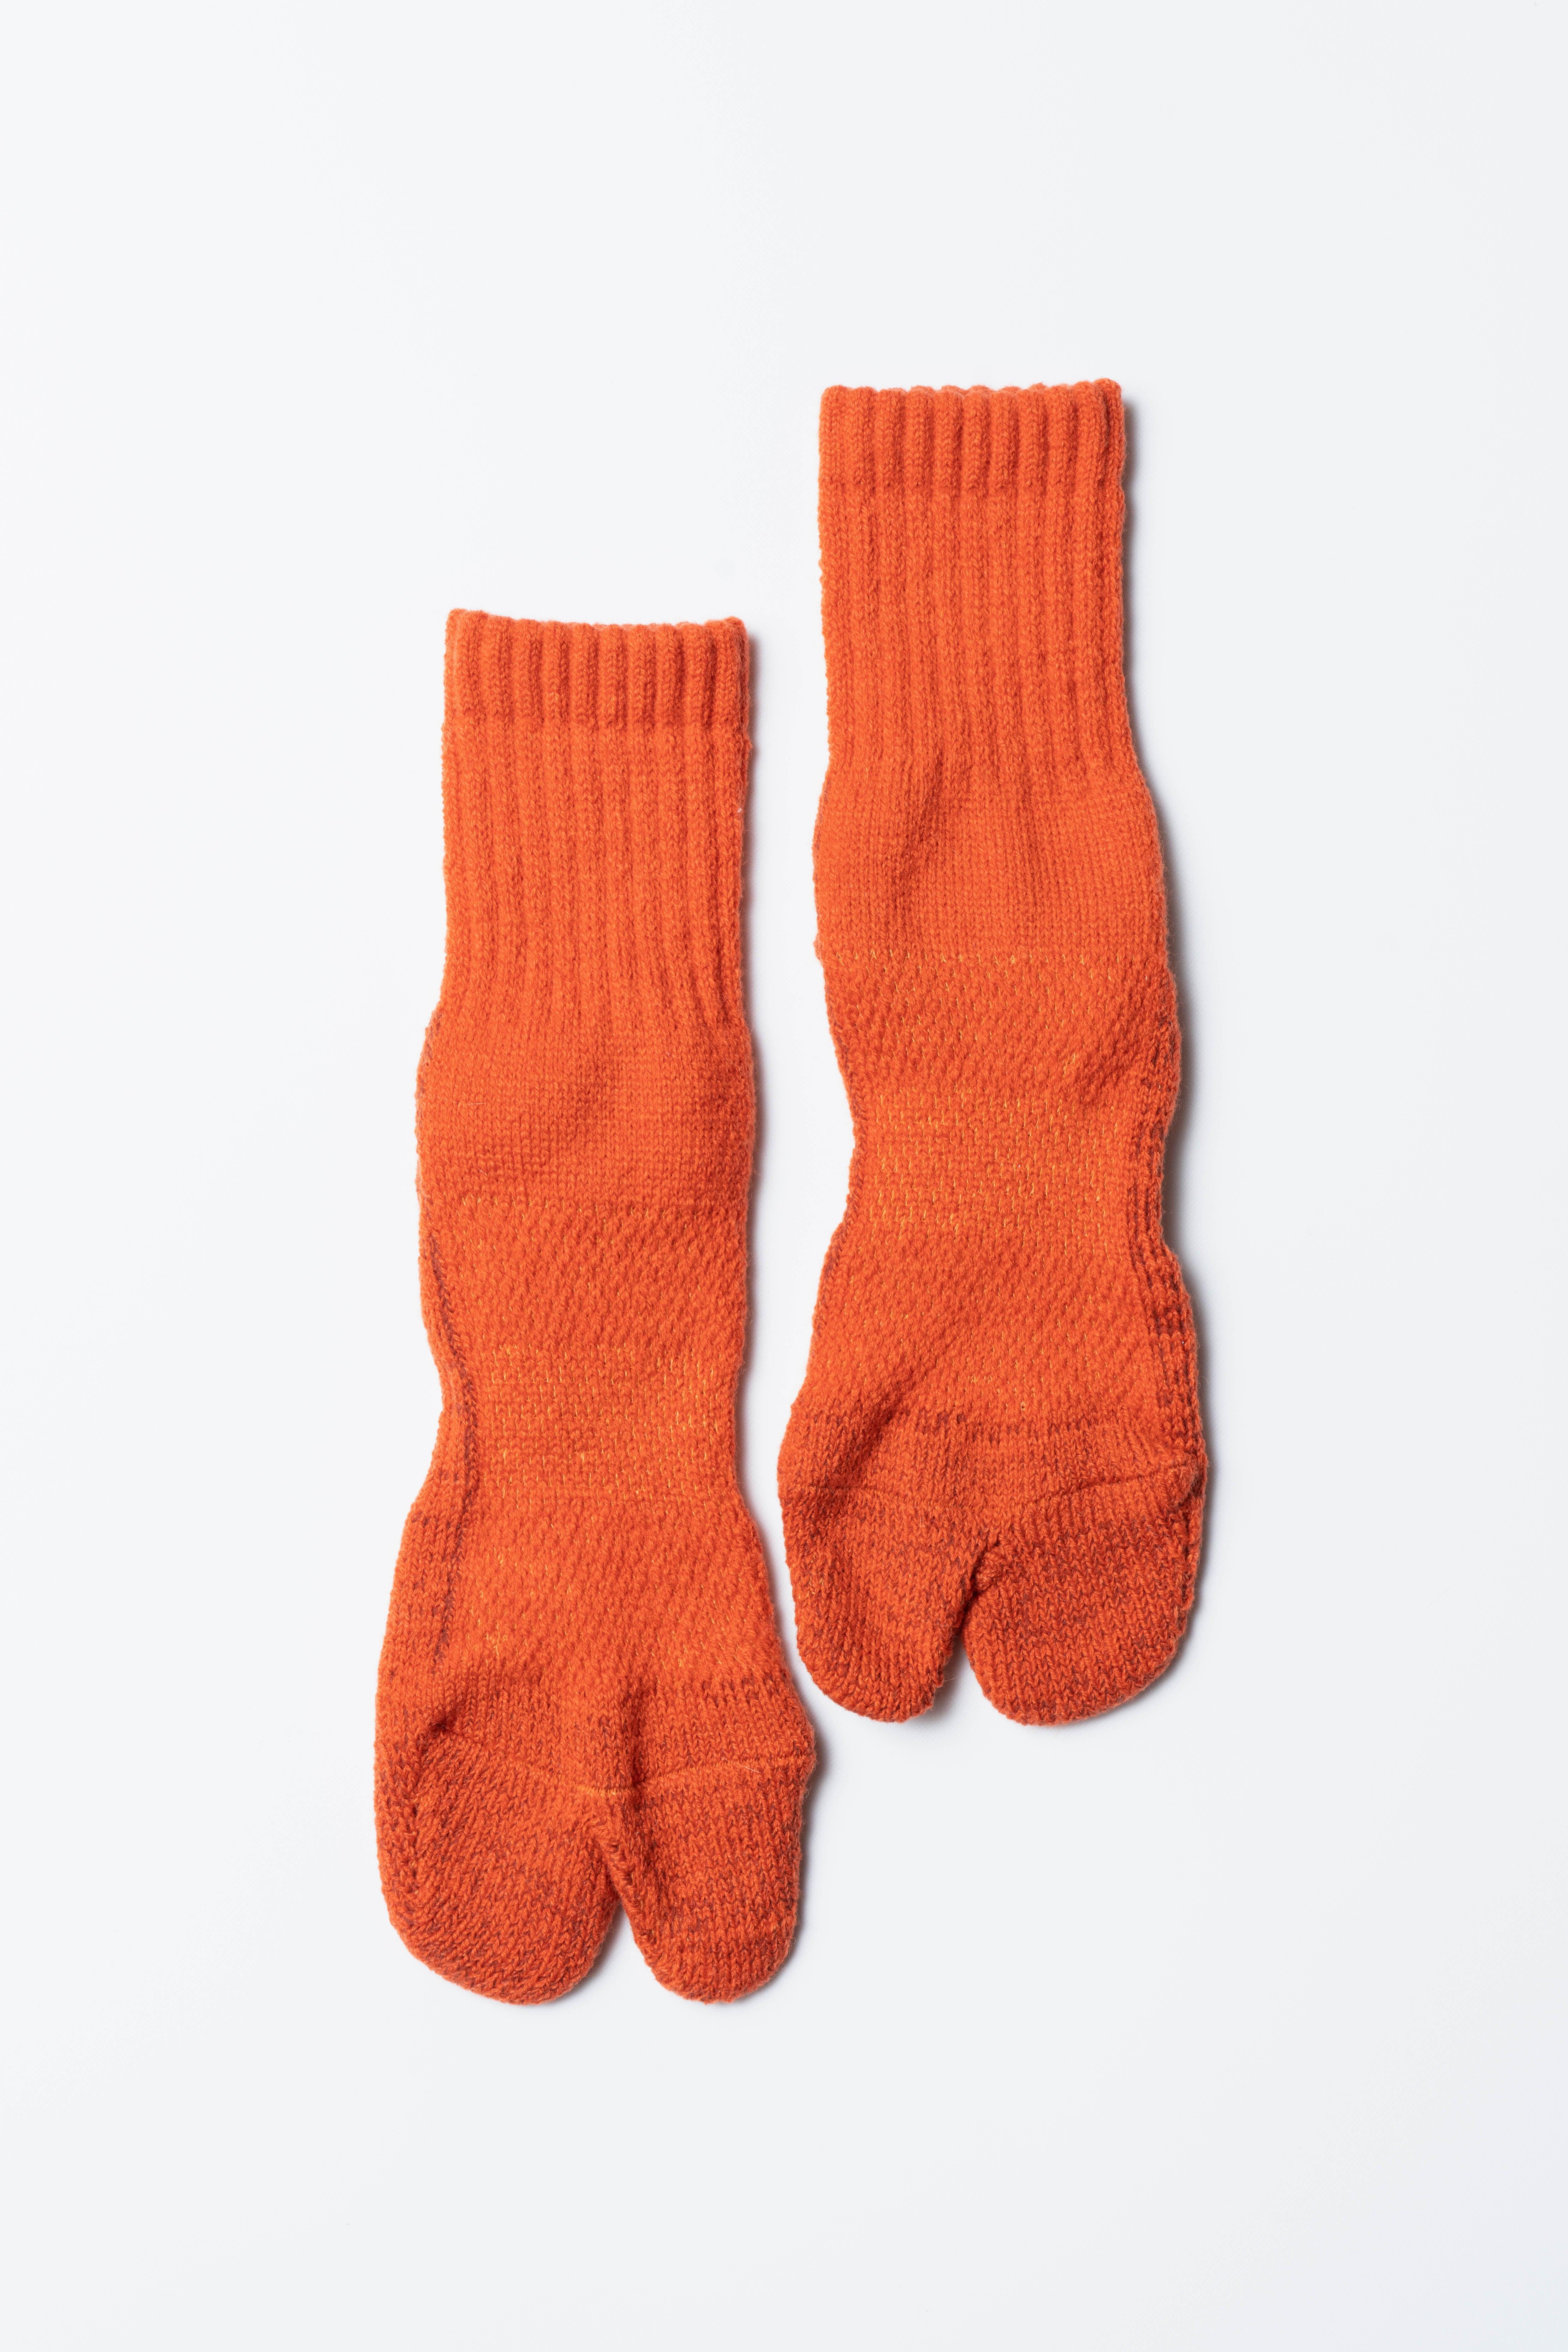 84N Wool Socks(Dark Orange × Brown)